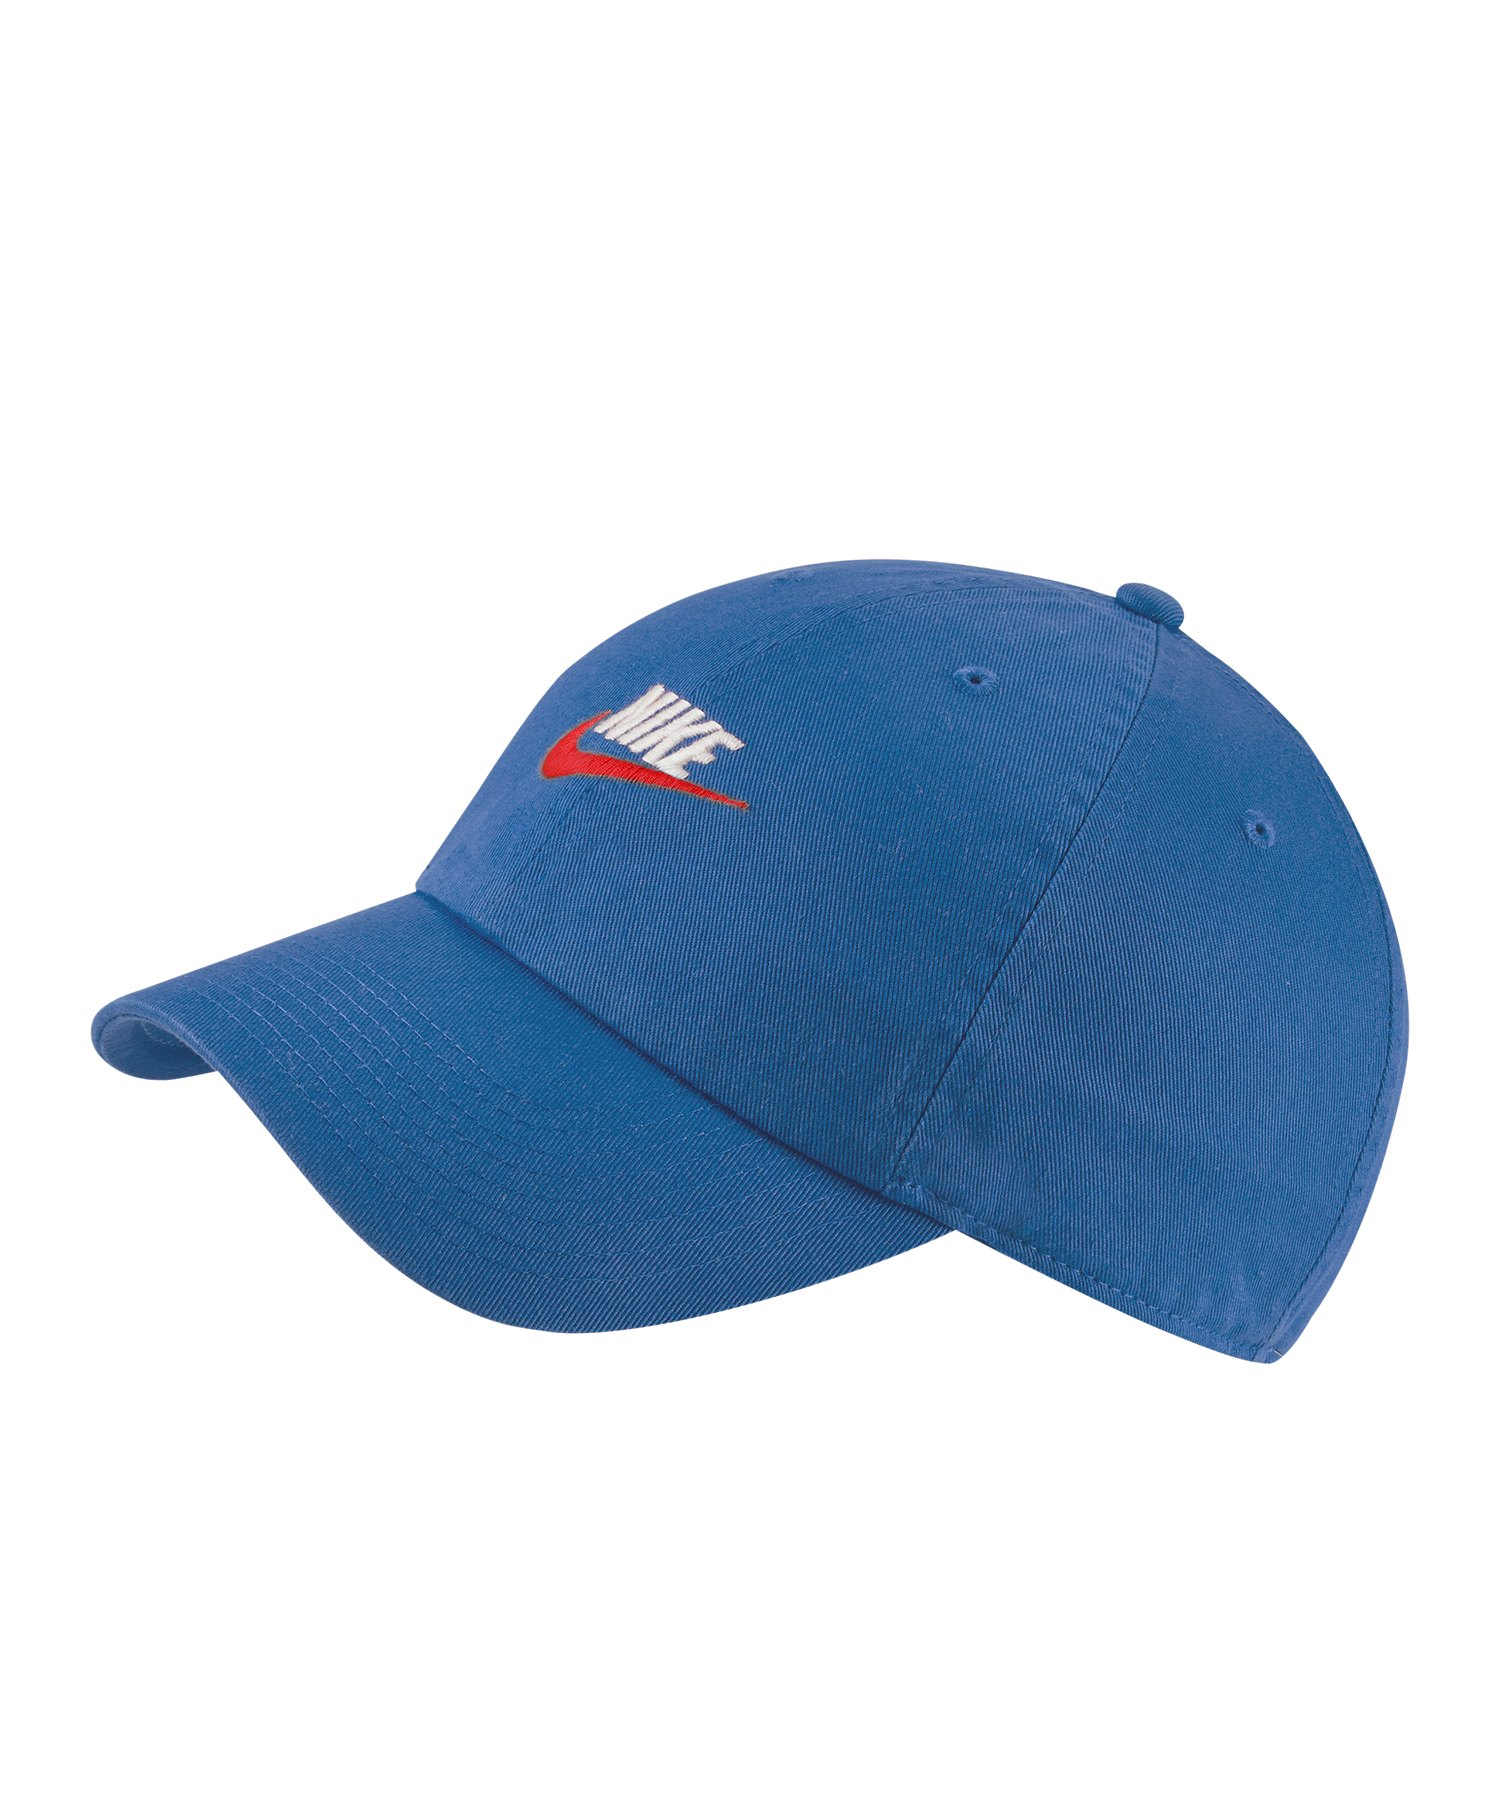 Nike H86 Cap Kappe Blau F484 - blau